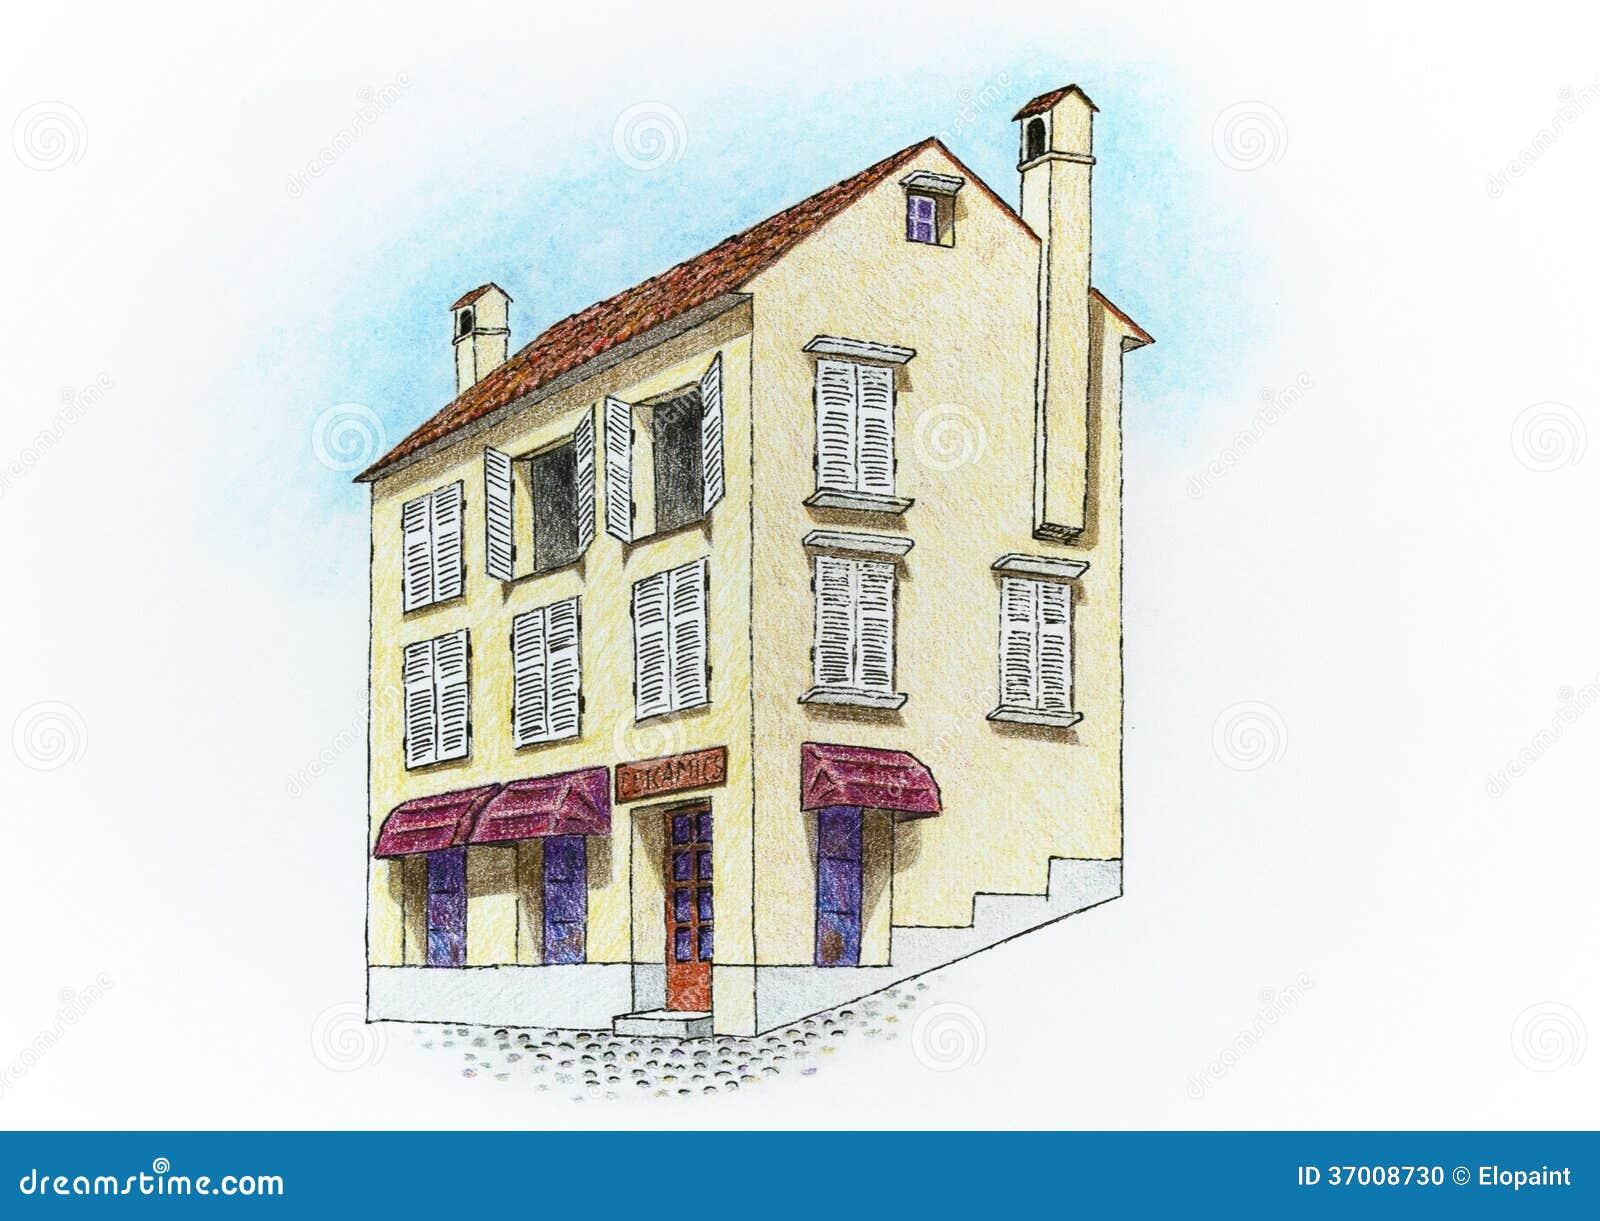 Disegno Di Una Casa Illustrazione Di Stock Illustrazione Di Casa